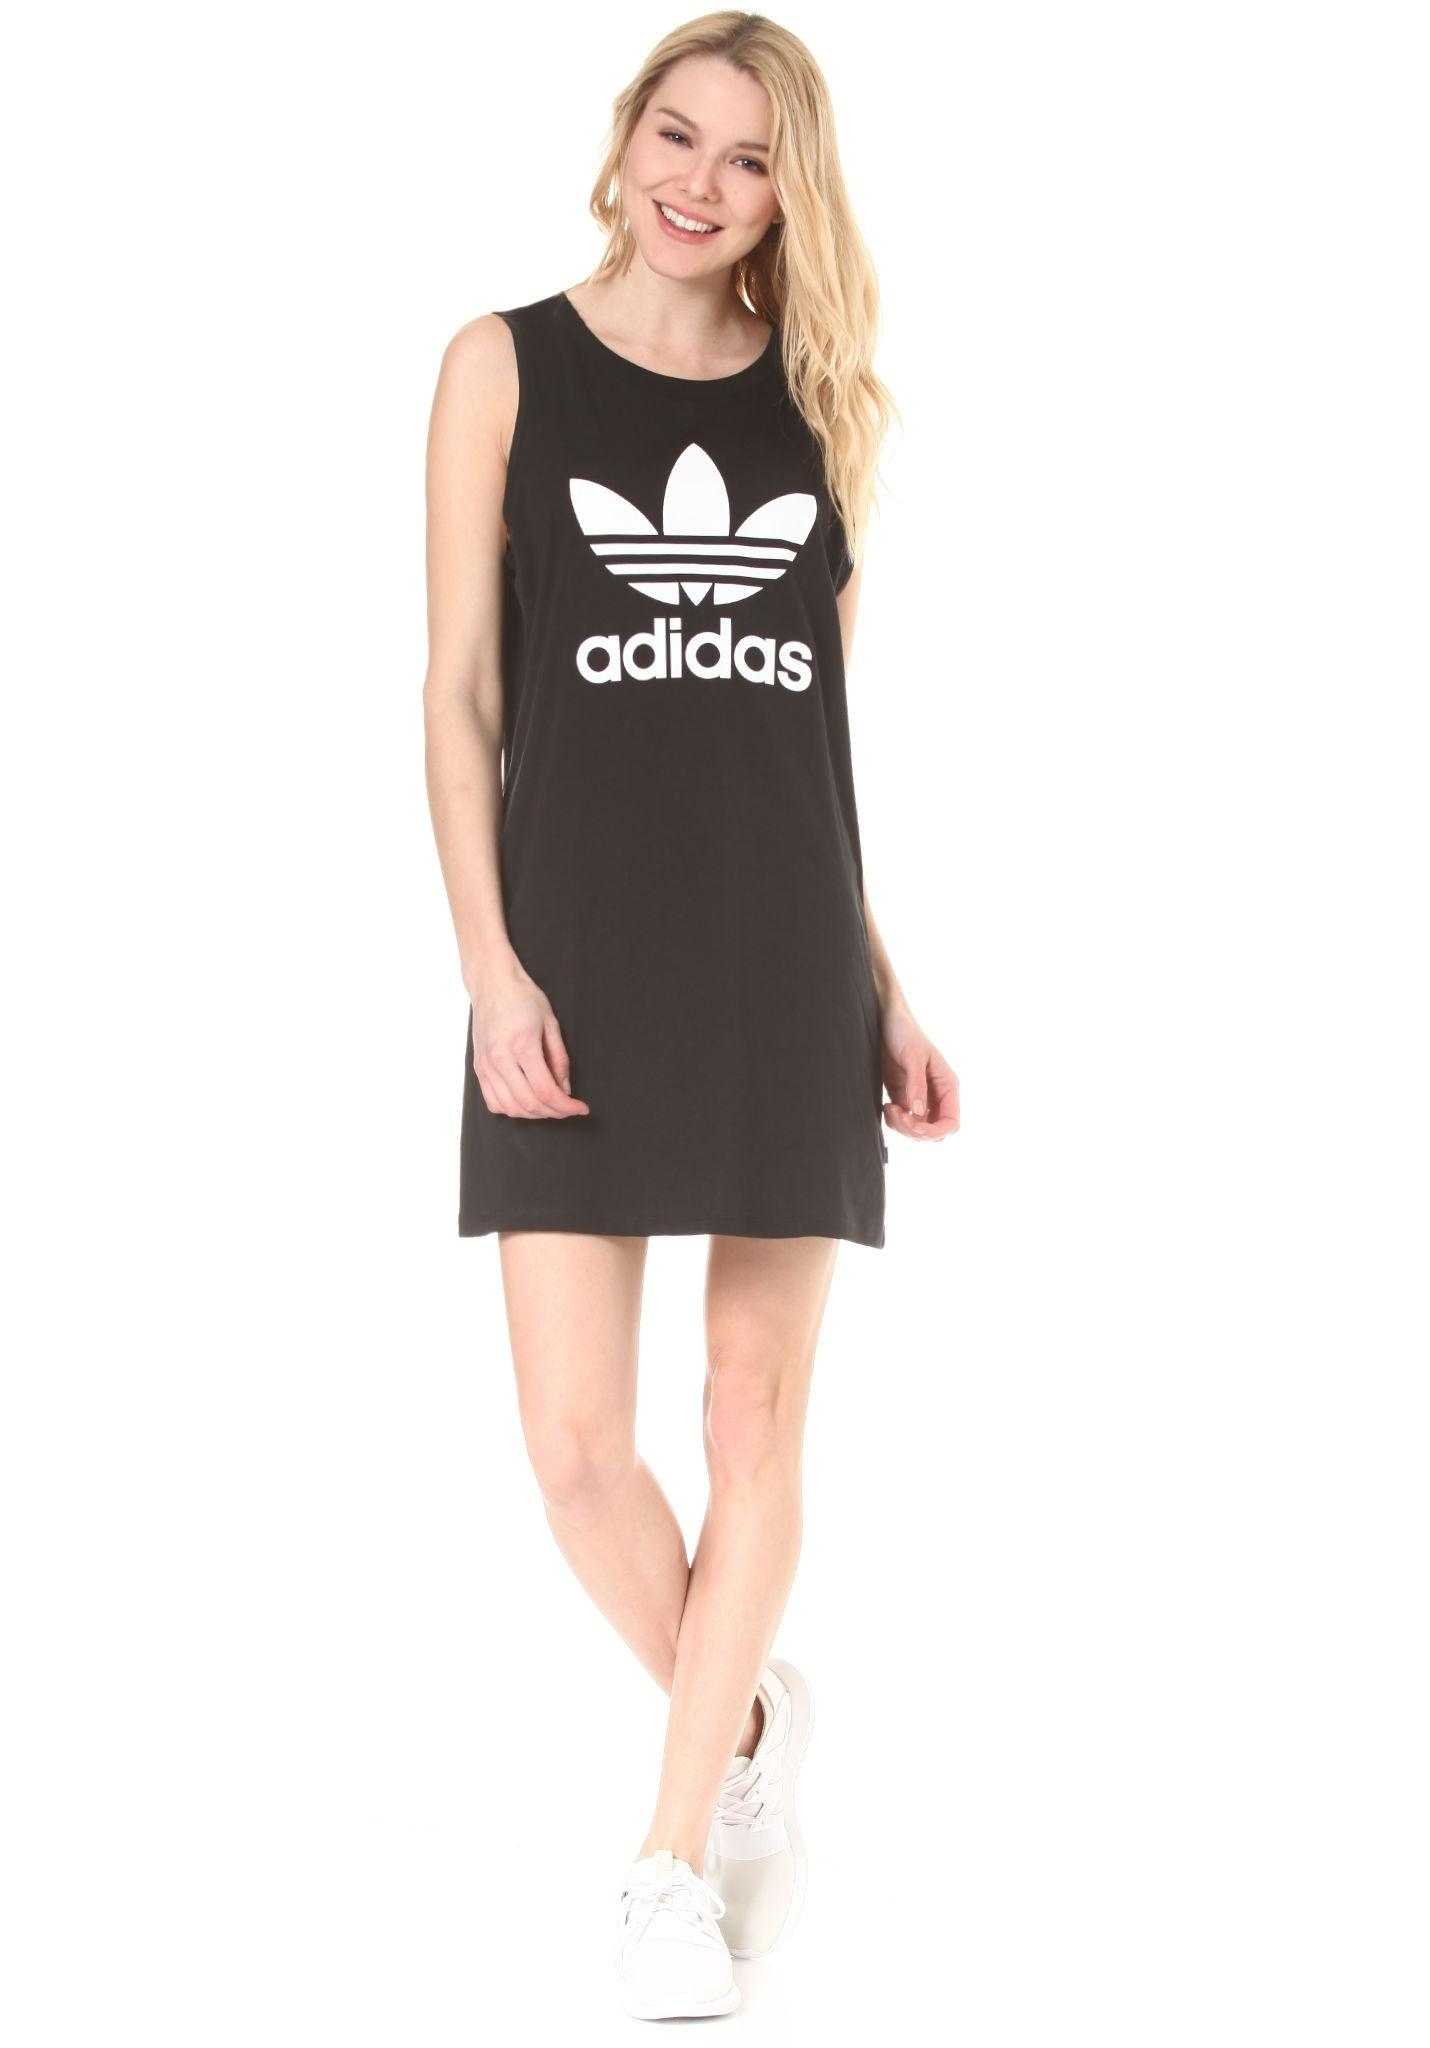 13 Ausgezeichnet Kleider Für Damen Vertrieb17 Luxurius Kleider Für Damen Vertrieb